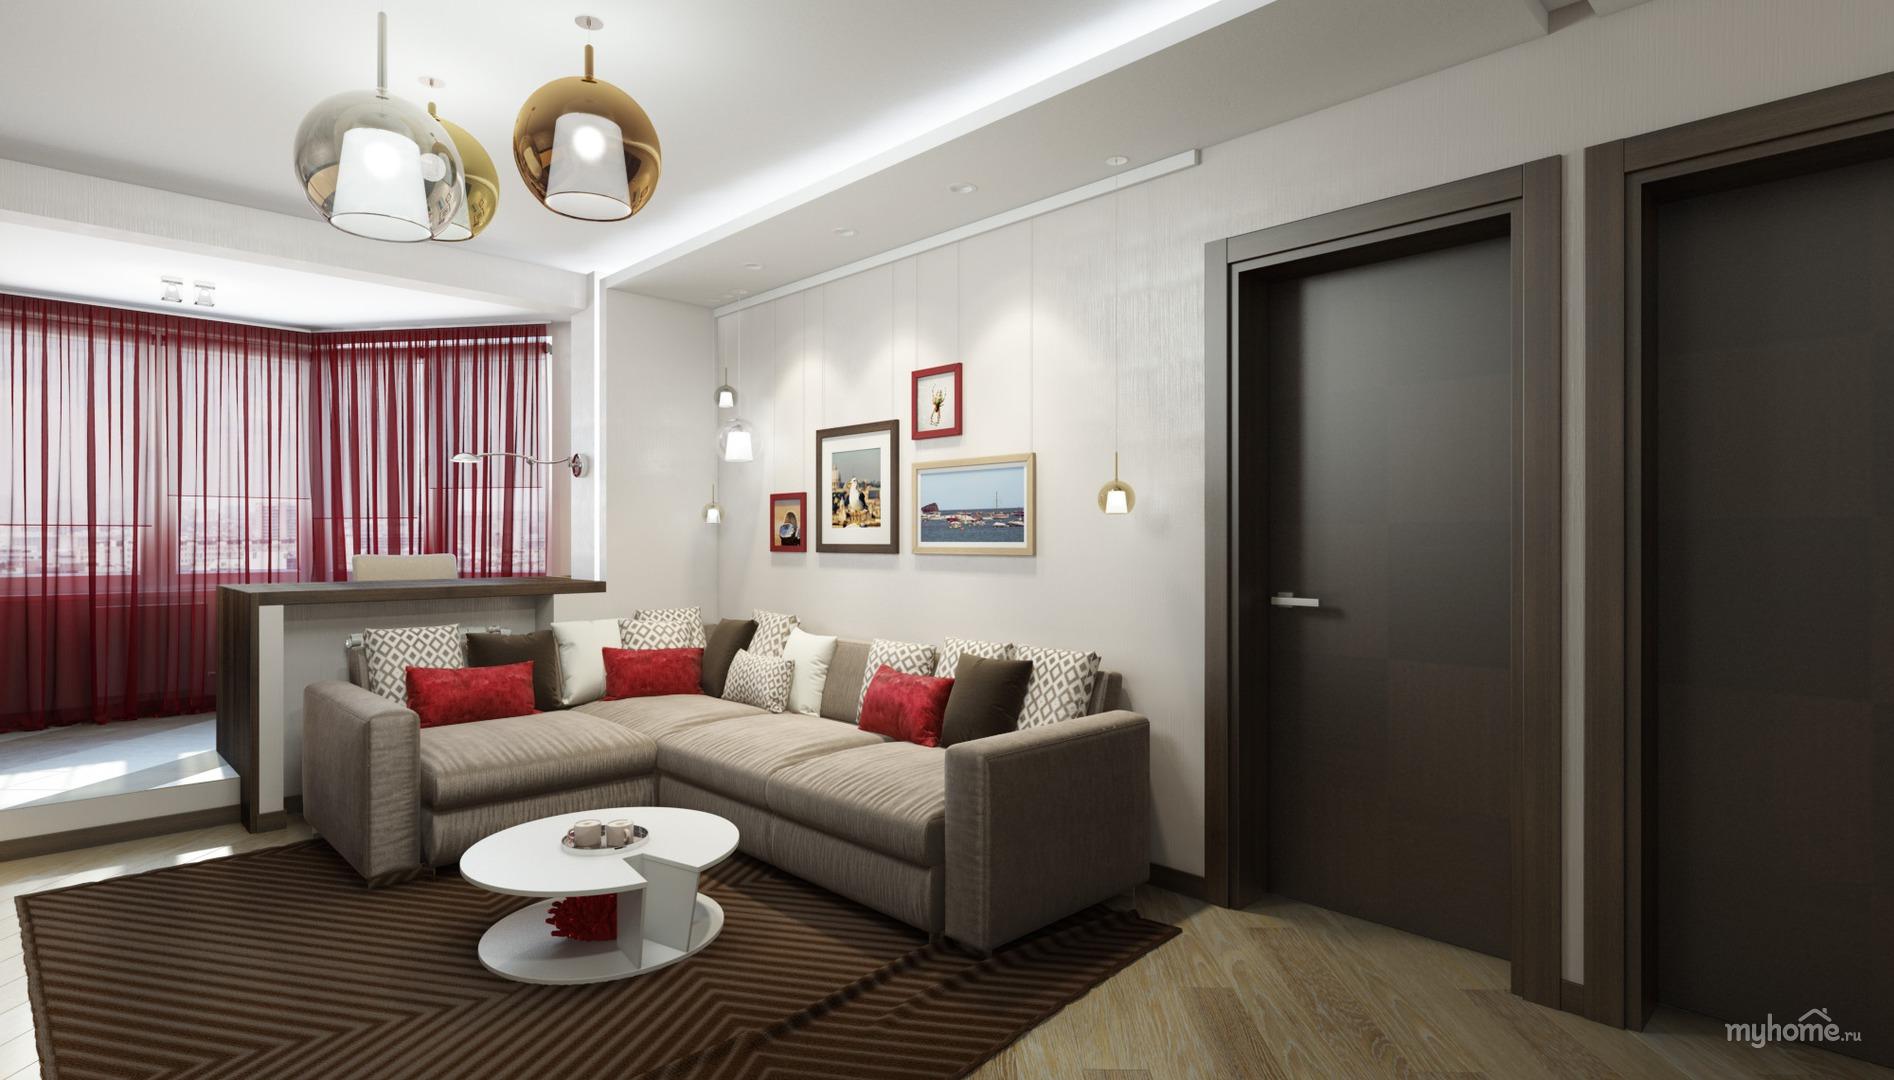 Дизайн интерьера 3-х комнатной квартиры фото п44т